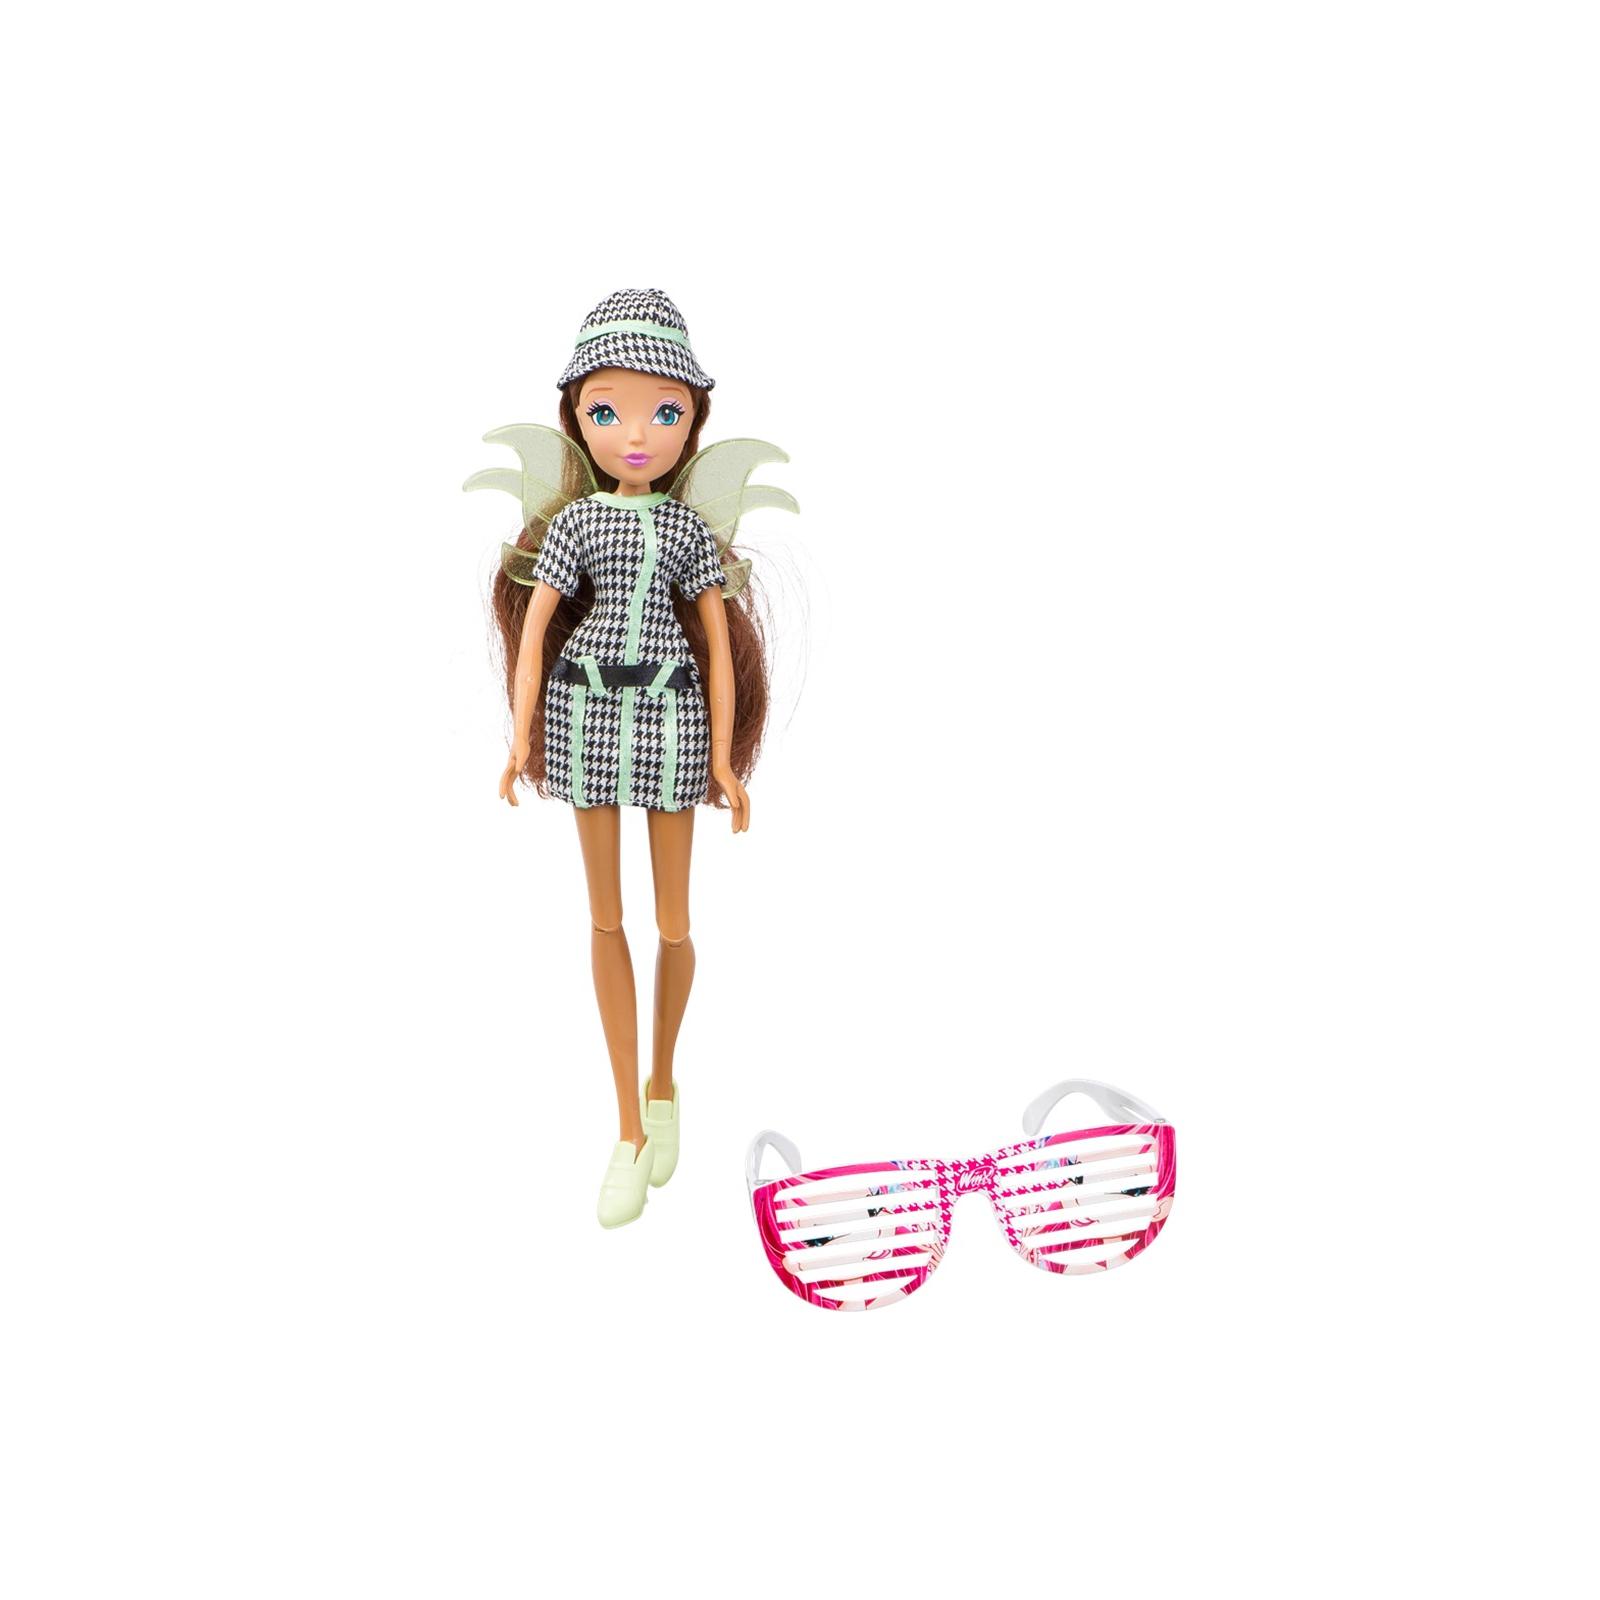 Кукла WinX Charming Fairy Волшебная фея Лейла 27 см (IW01011405) изображение 2